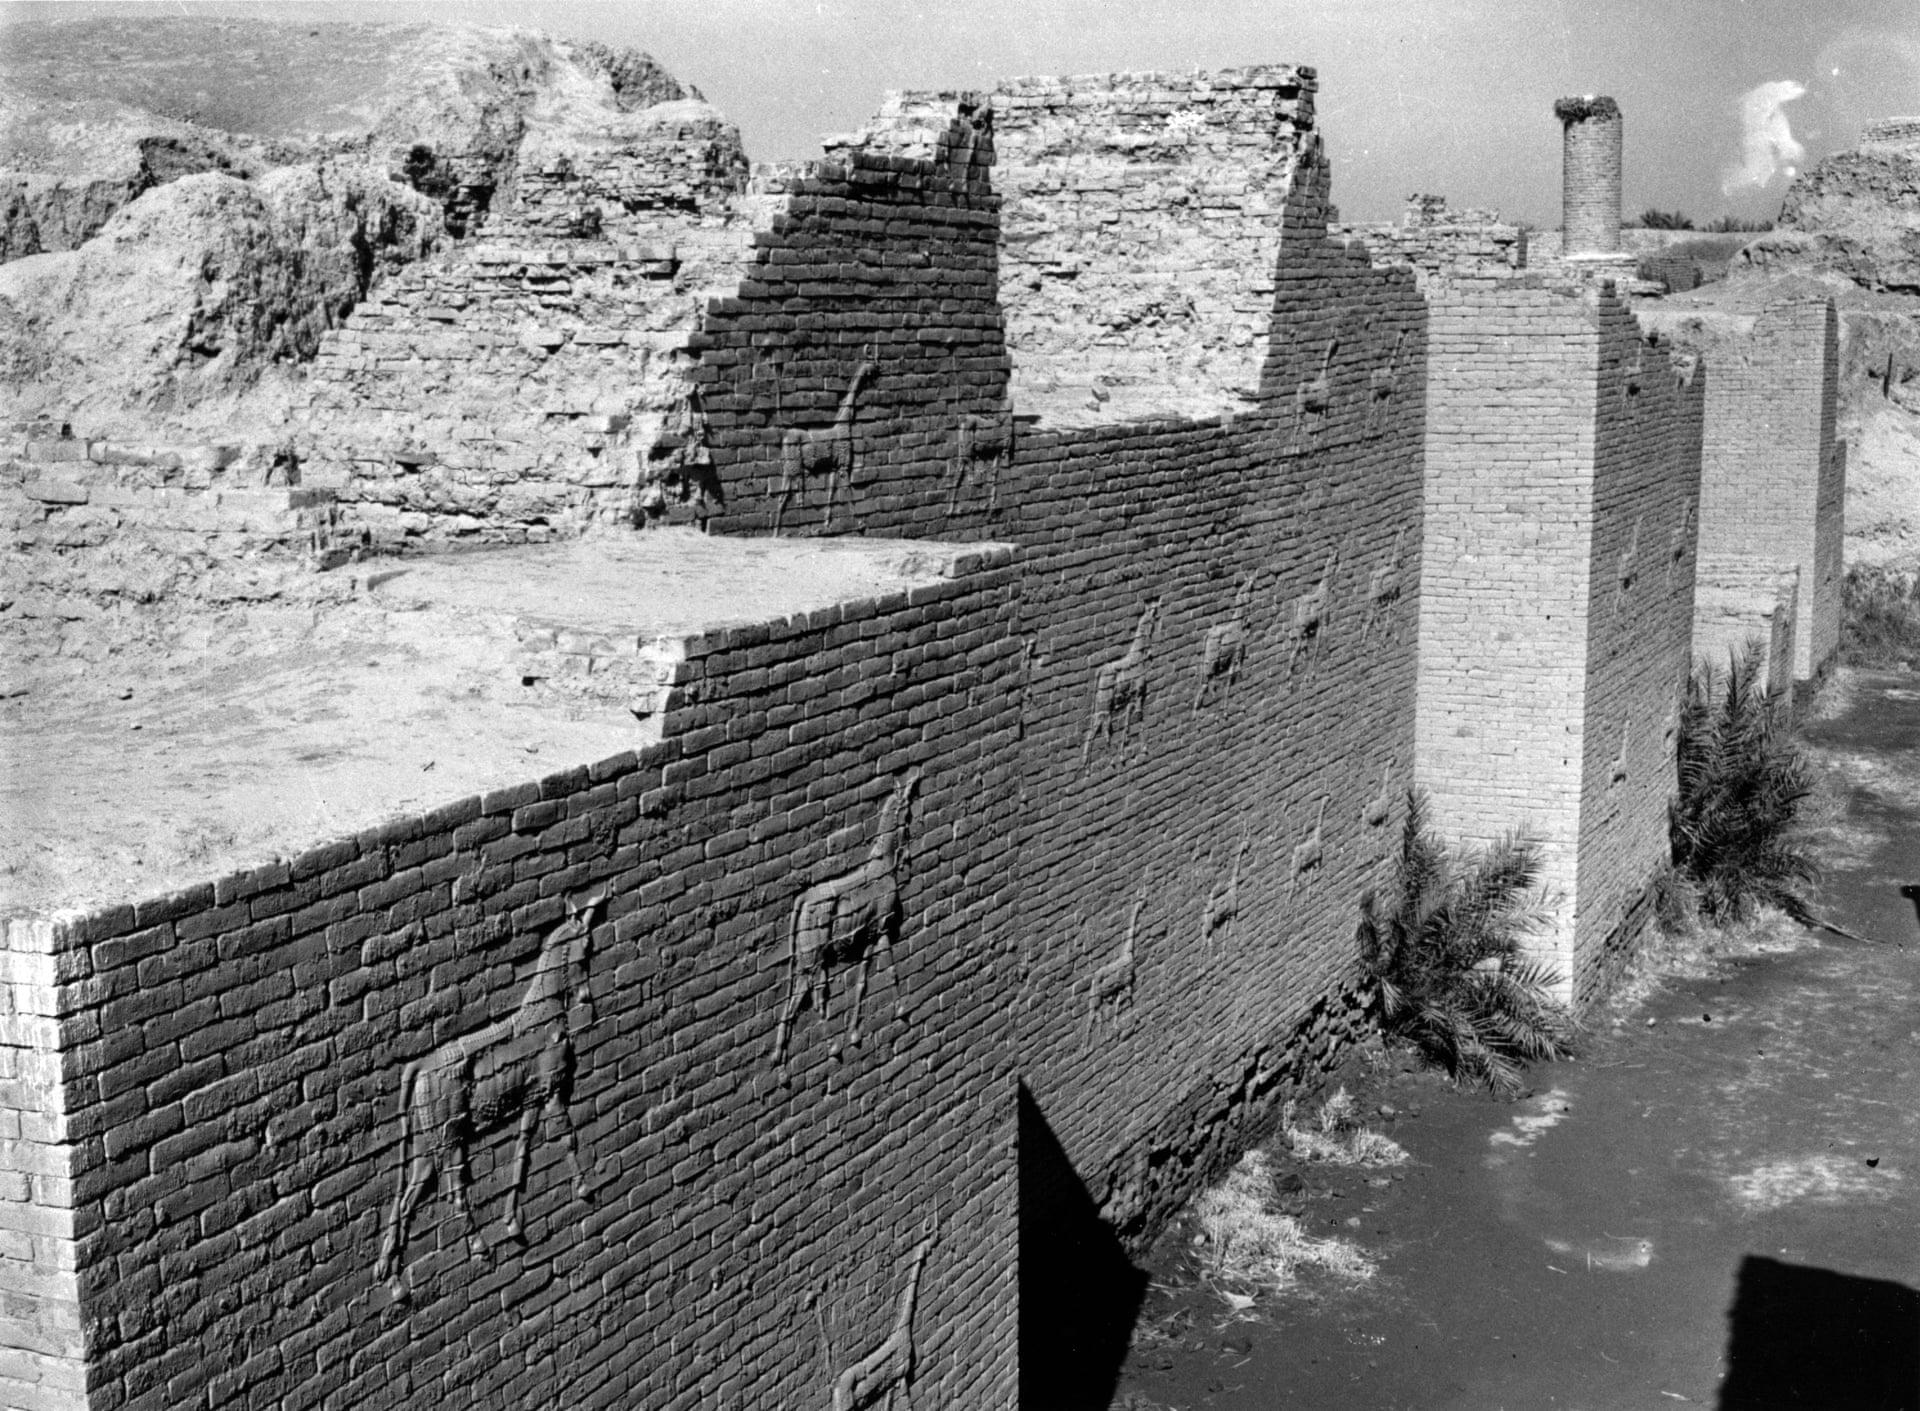 بابل .. المدينة ذات الإرث الهائل